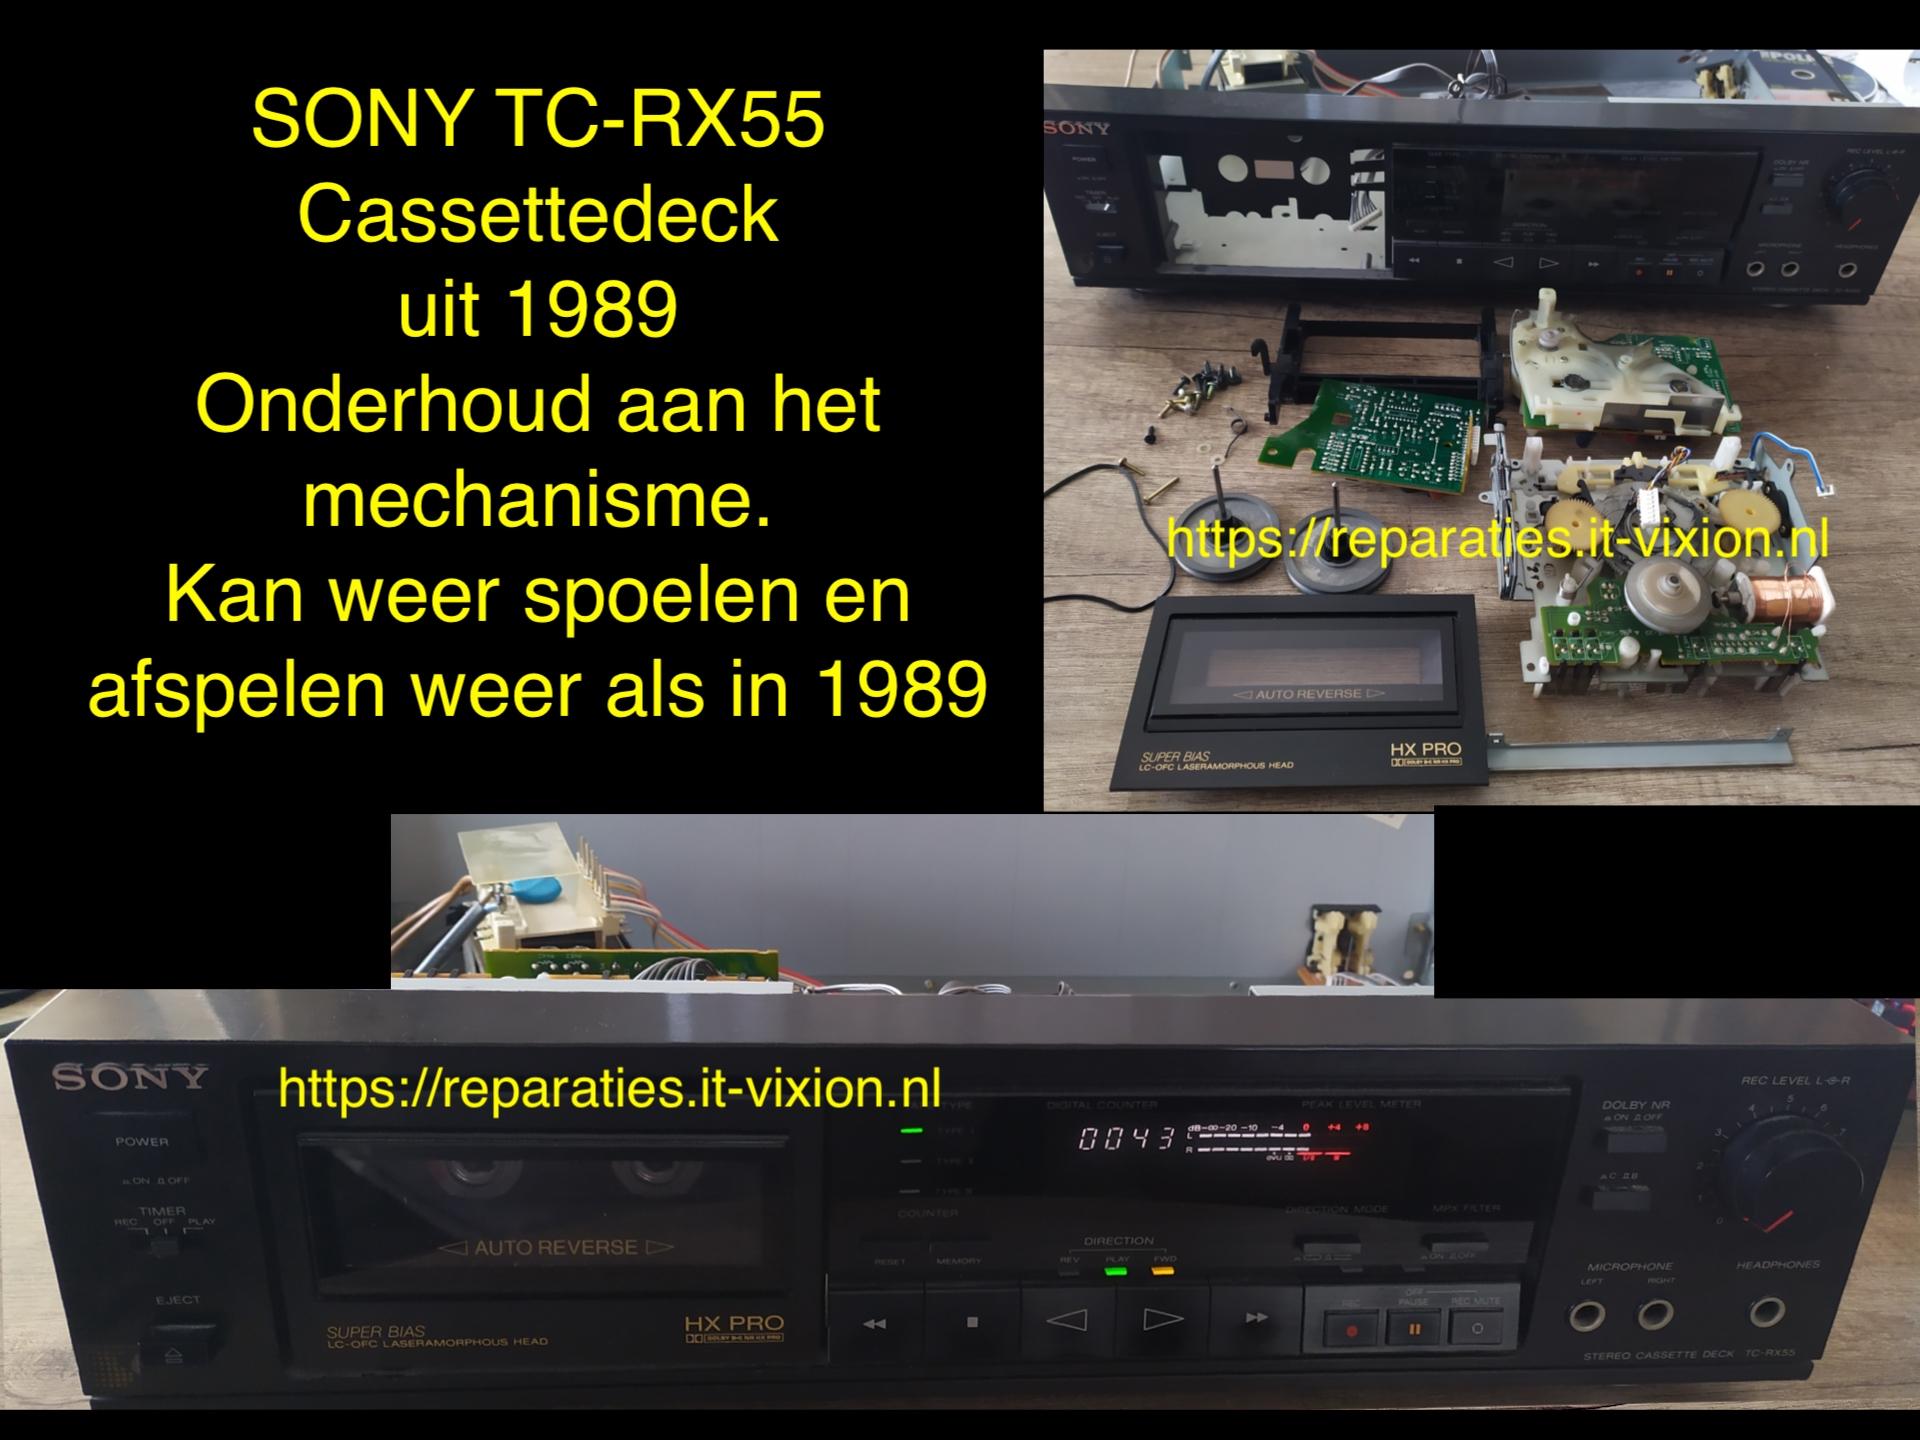 Sony TC-RX55